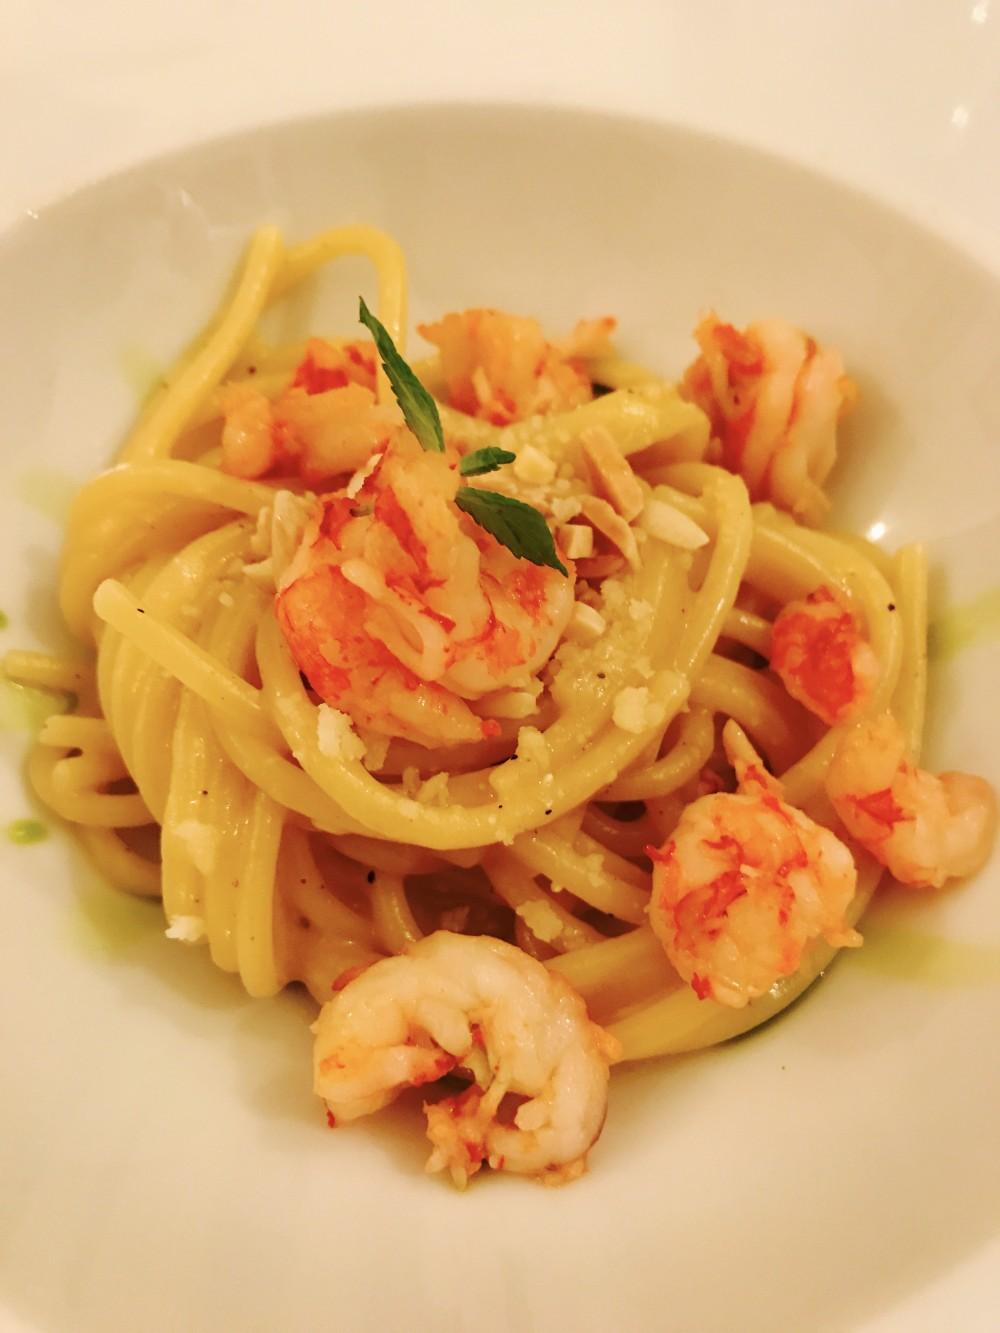 WinChef, Spaghetti 'Felicetti' ajo e ojo, peperoncino, pecorino romano, gambero rossi, limone, menta e scaglie di mandorle